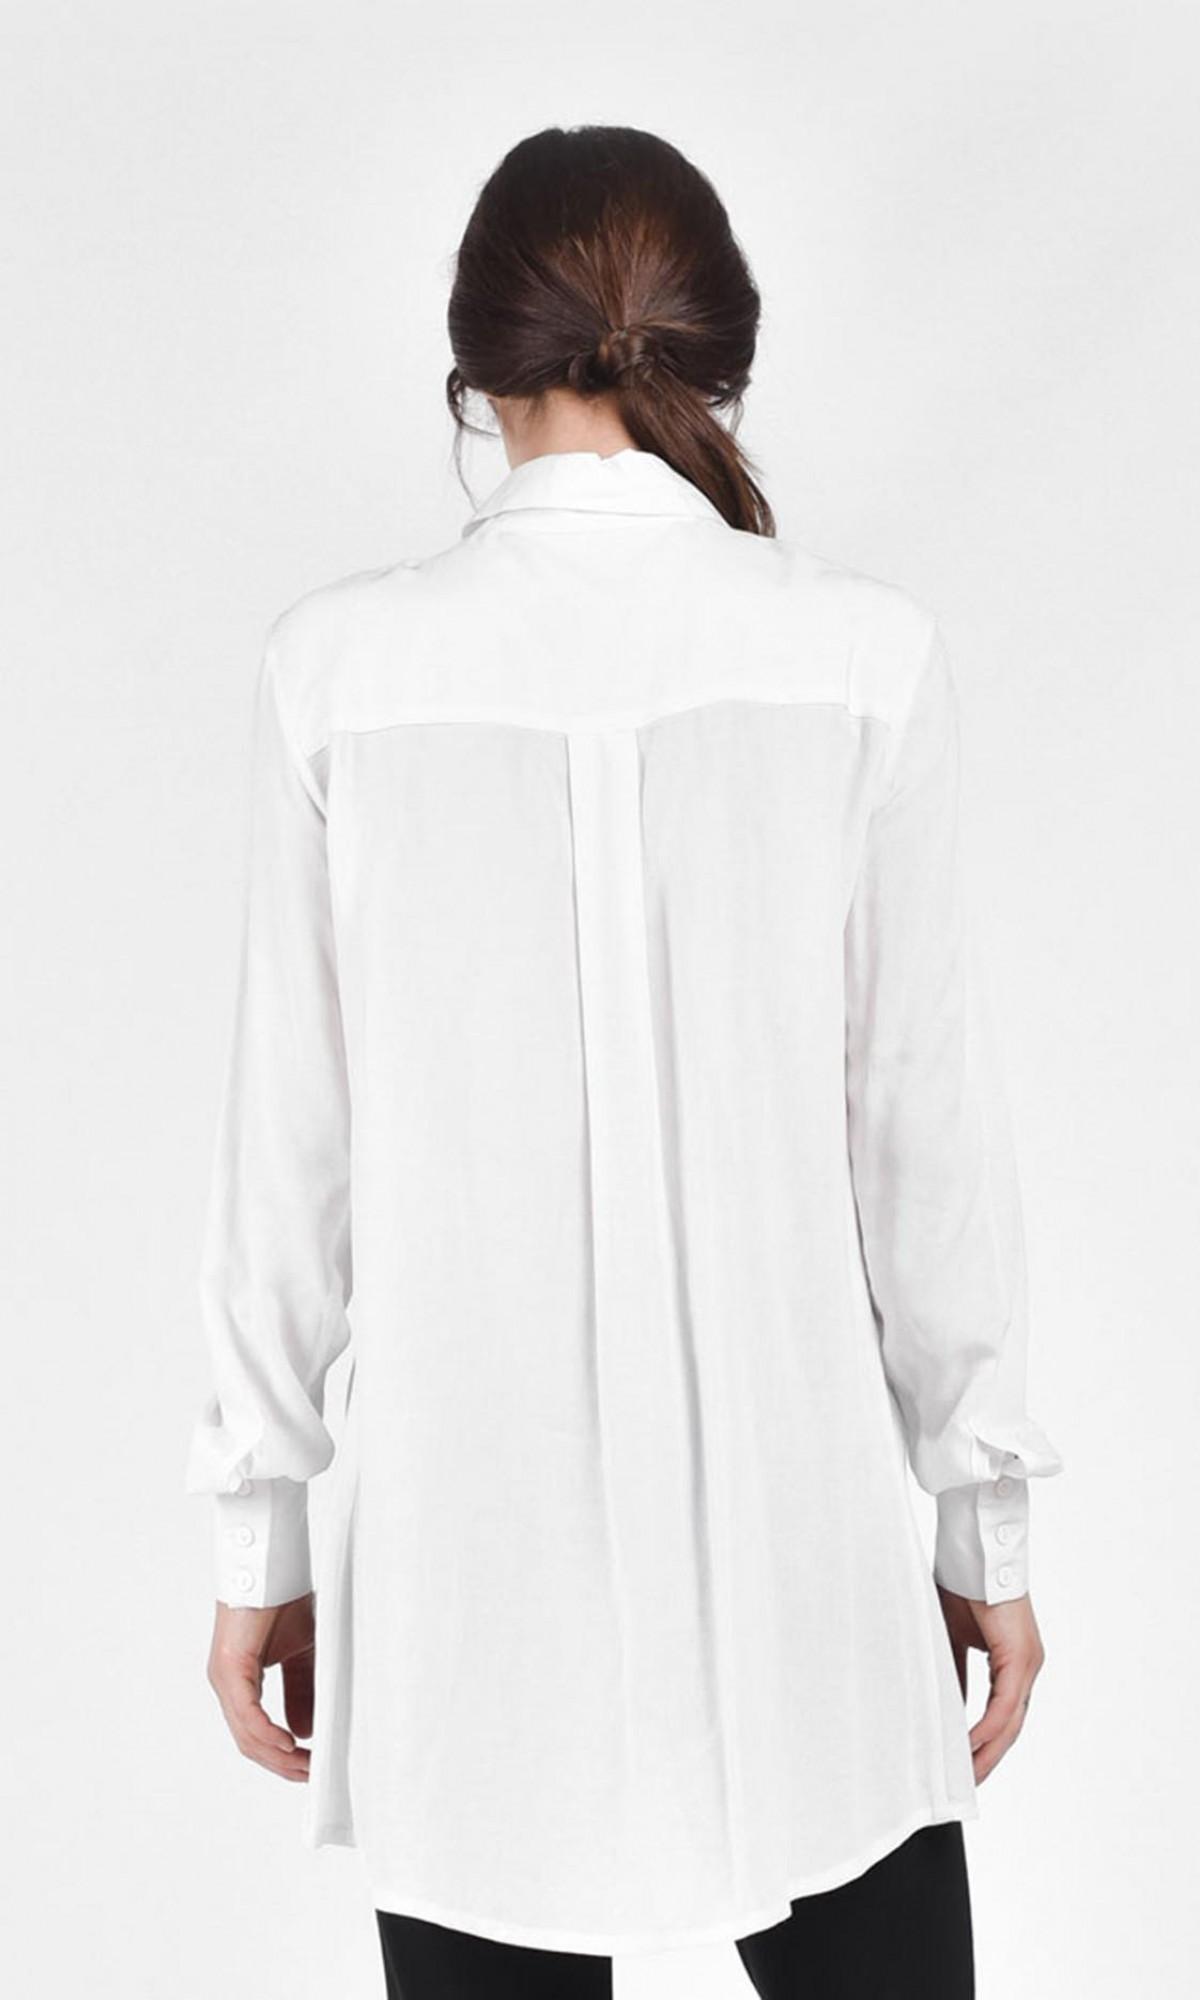 Classic Elegant White Shirt